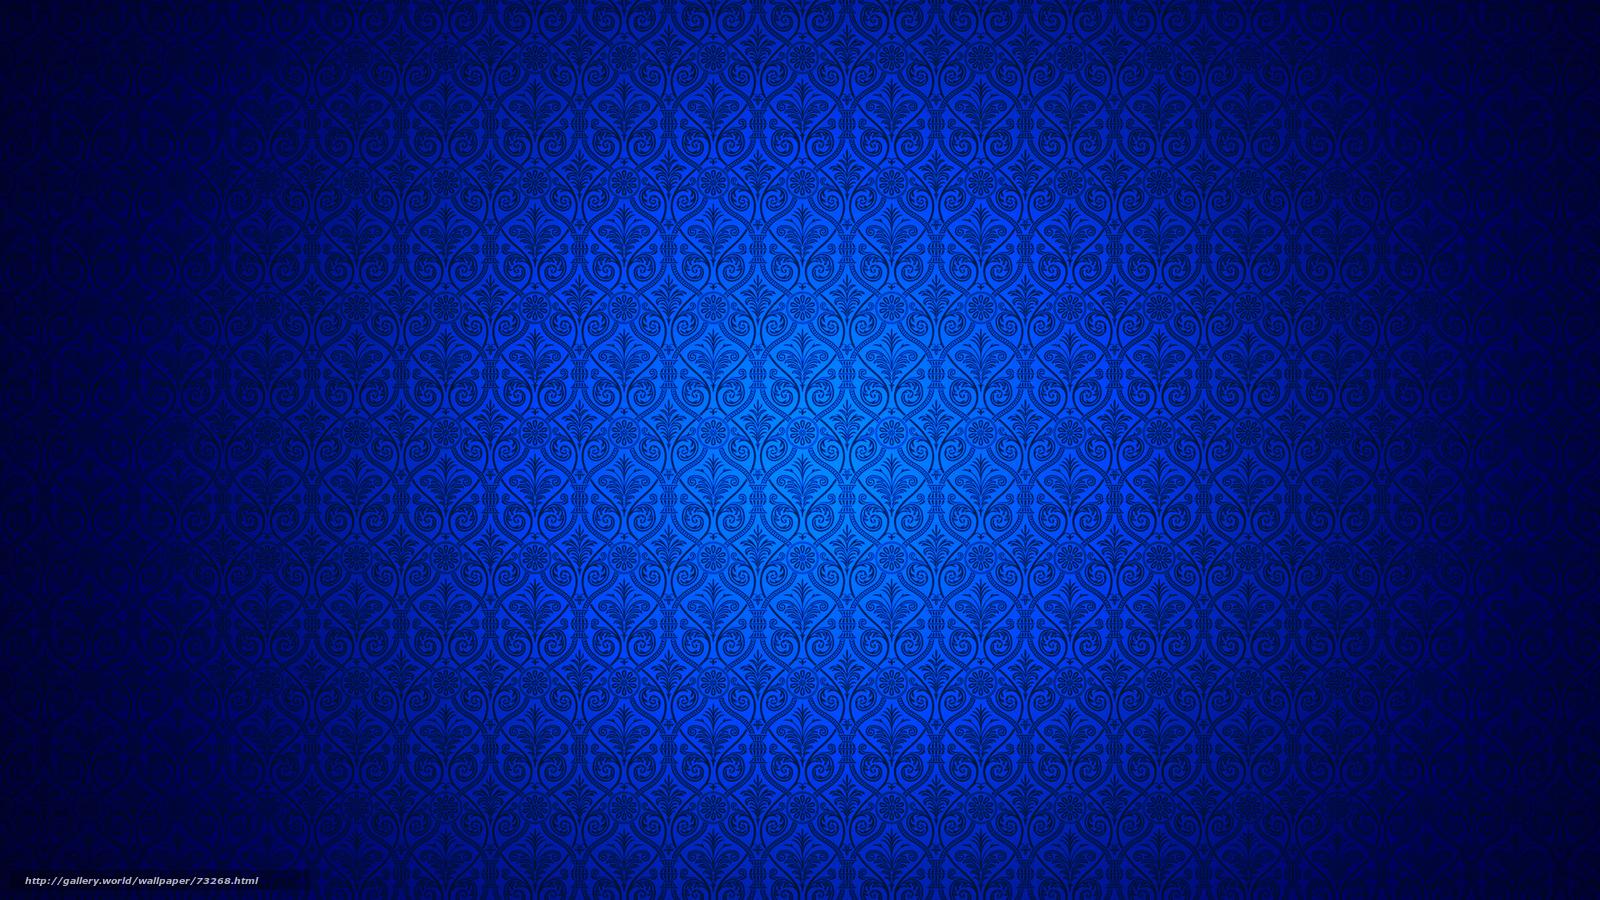 Tlcharger fond d 39 ecran fond texture papier peint bleu for Papier peint ecran